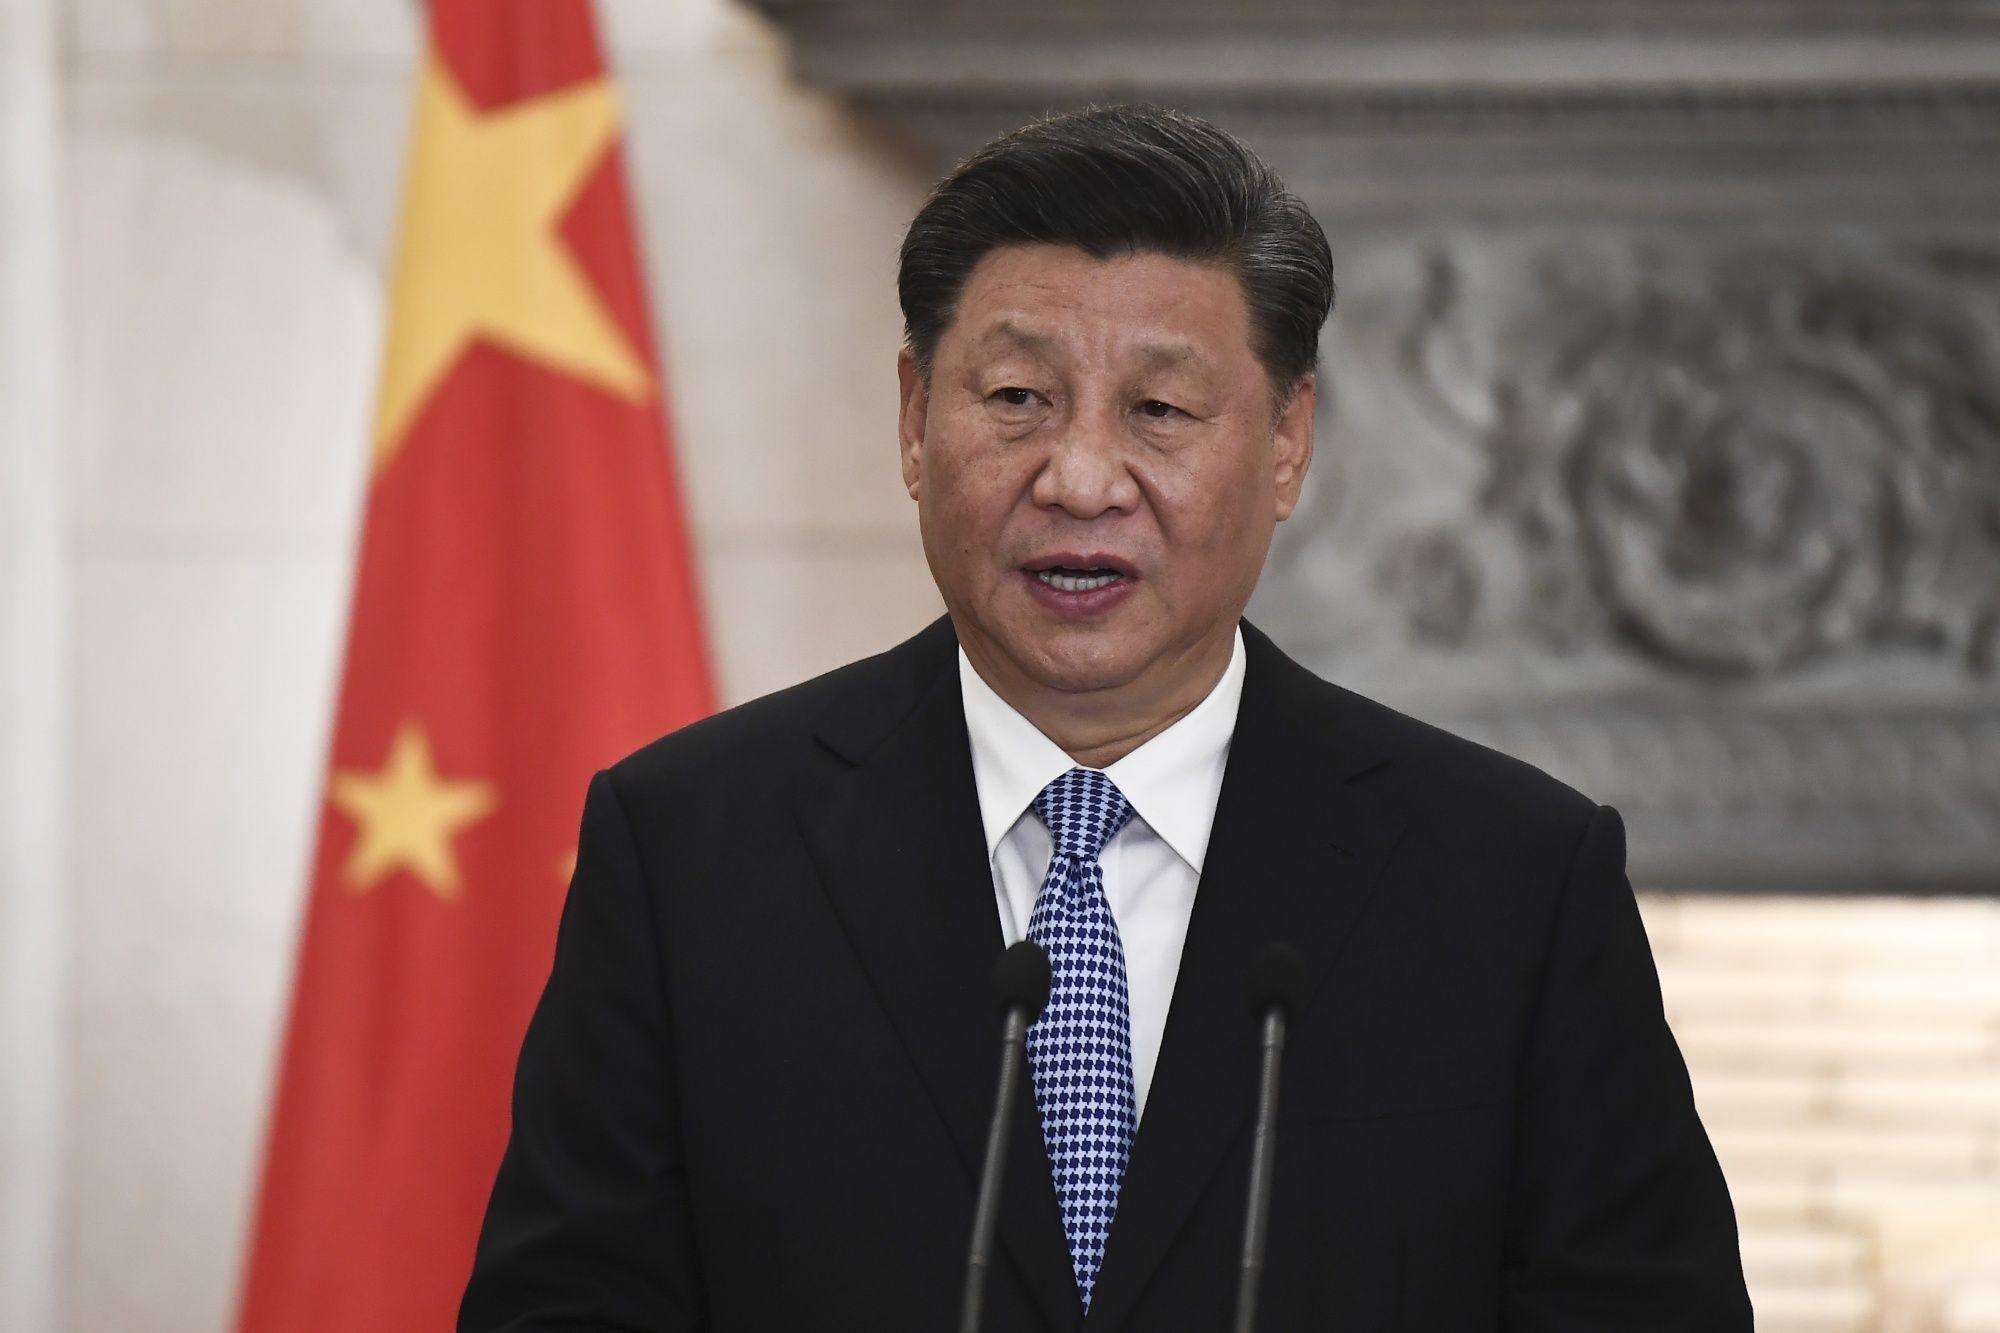 Қытай АҚШ-қа соққы беру арқылы өзіне қауіп төндіреді - на politic.bugin.kz